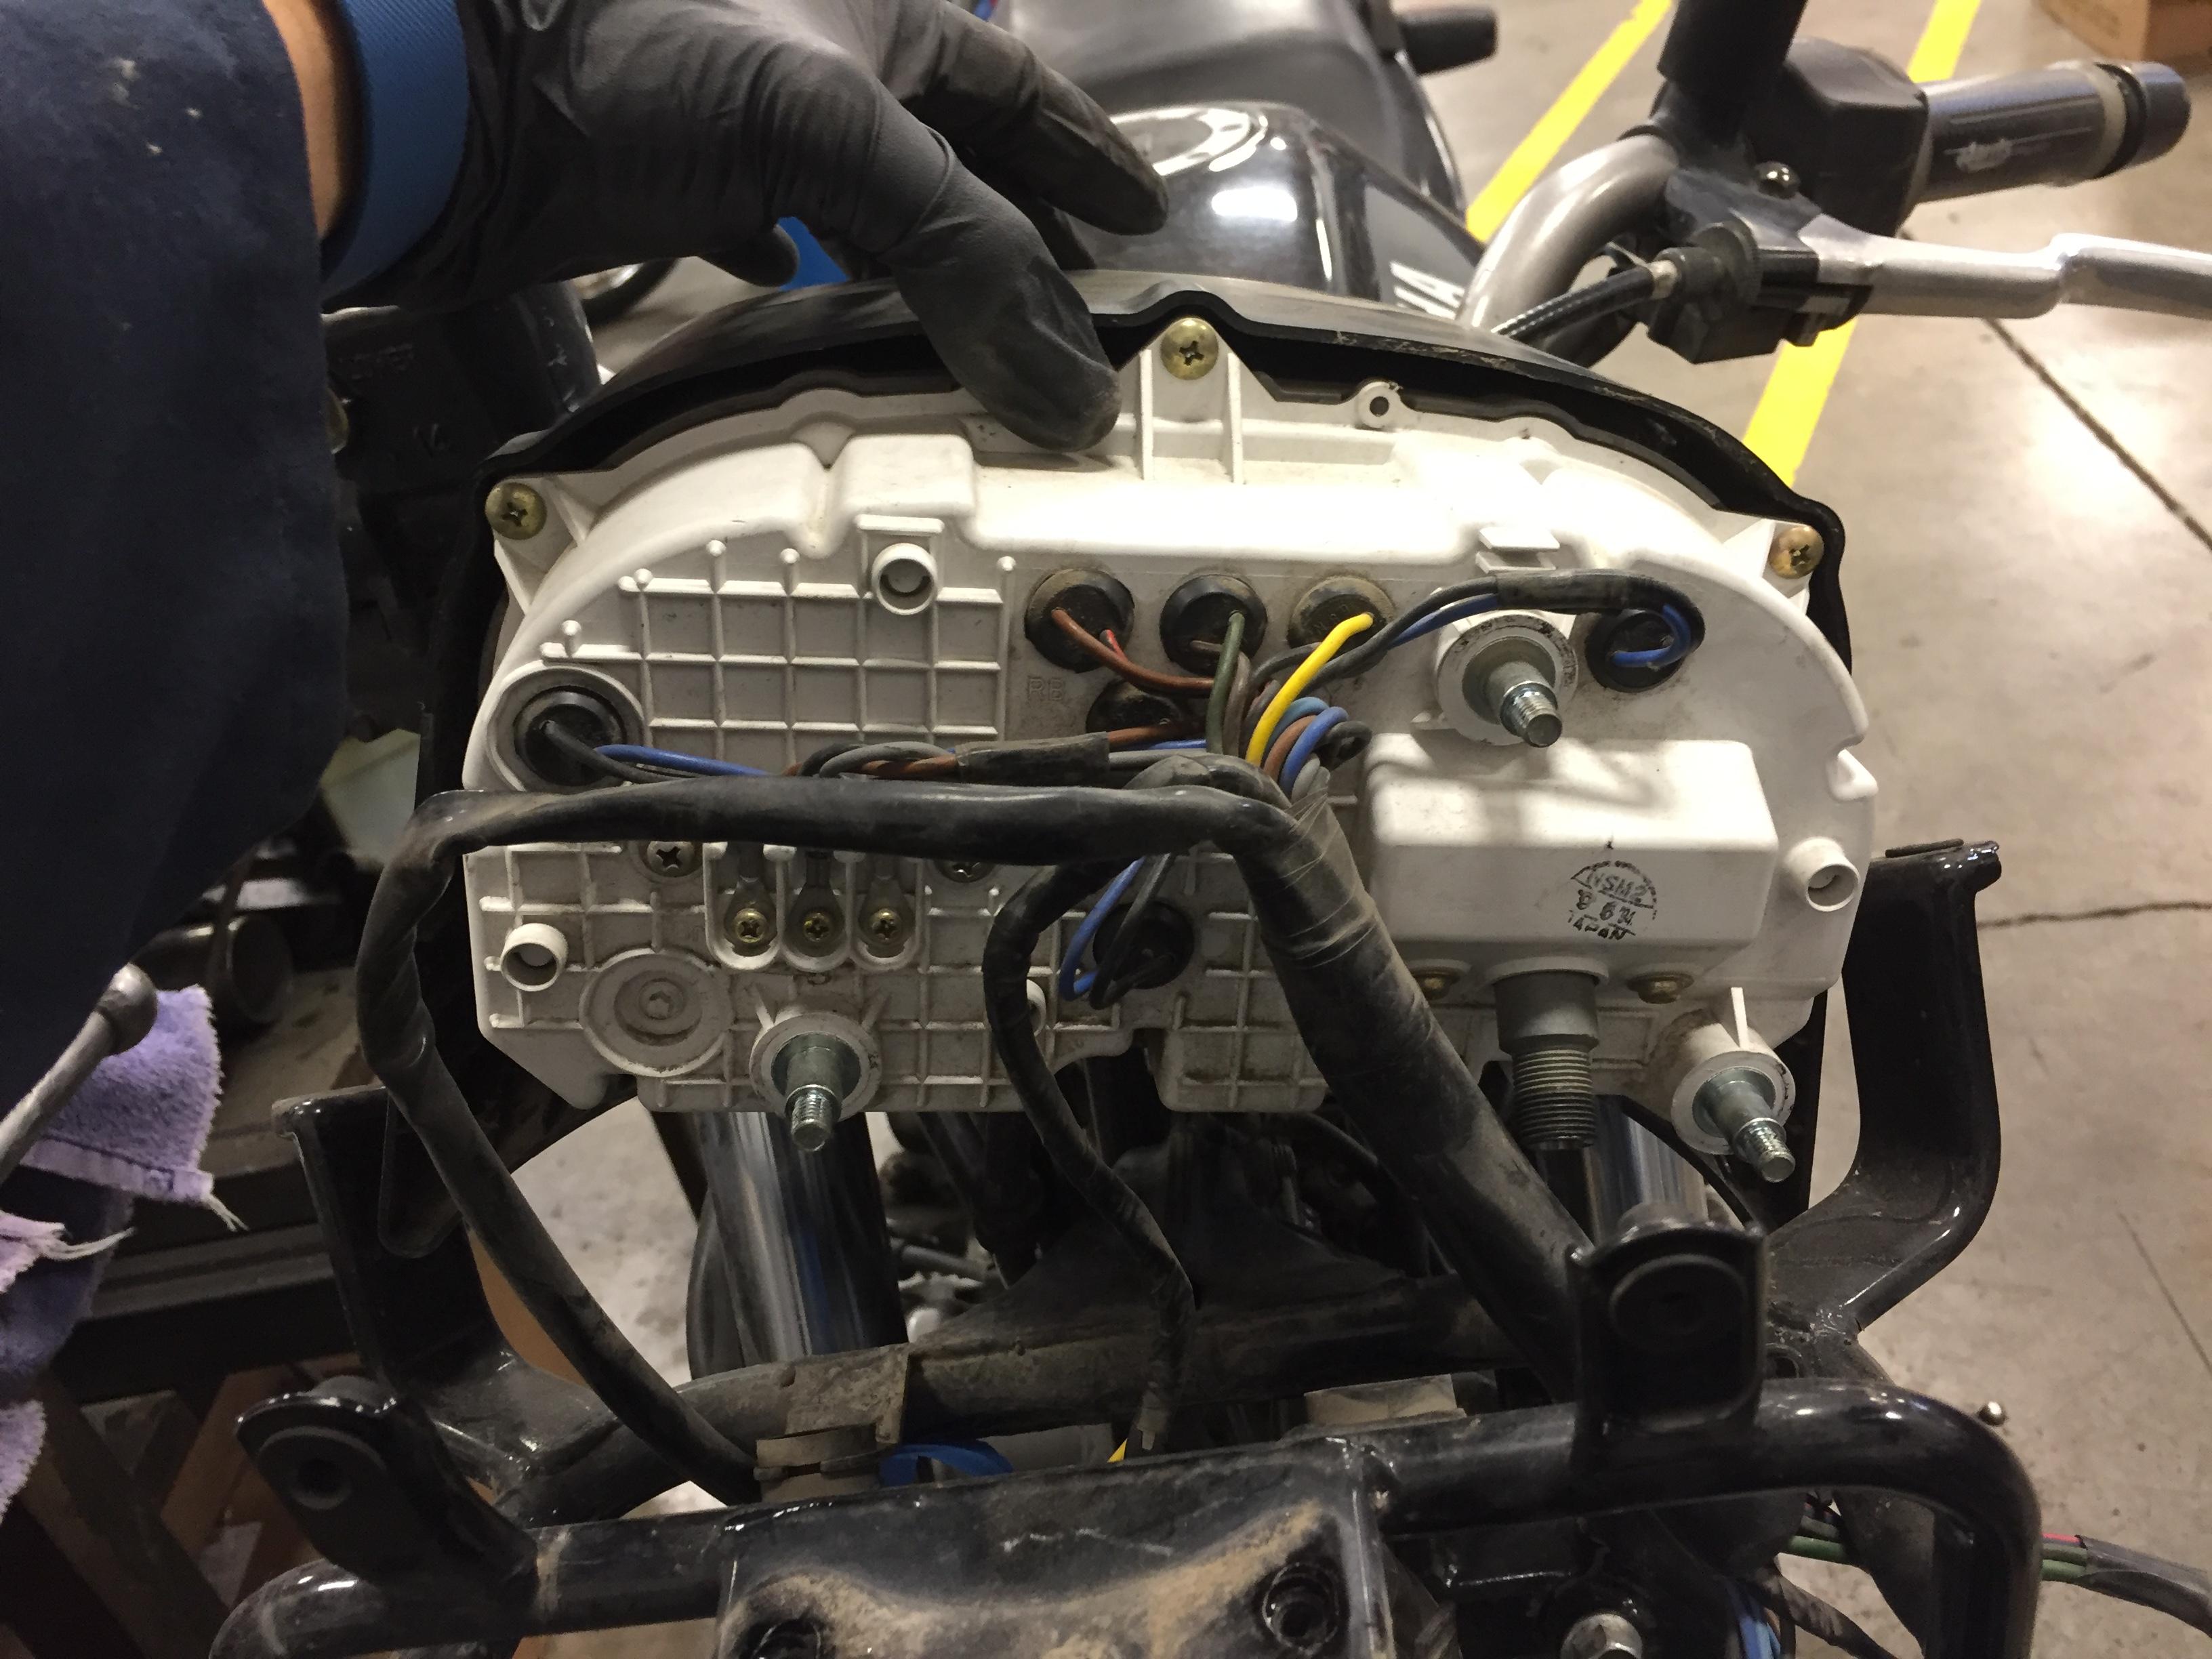 xj600 wiring diagram wiring diagram yamaha xj600 diversion cdi wiring whitedogbikes